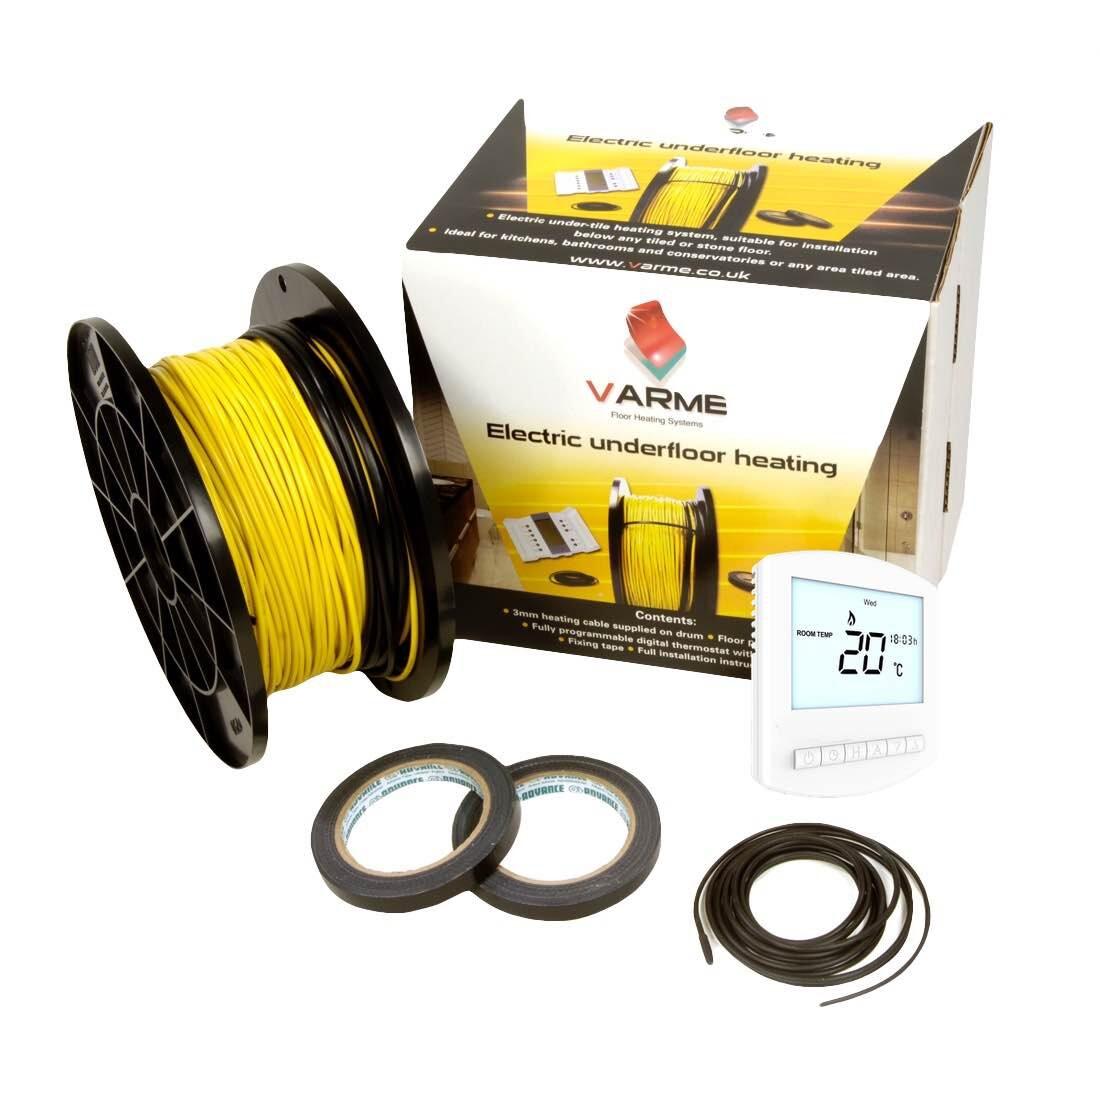 Varme Electric Underfloor Heating Loose Cable Kit